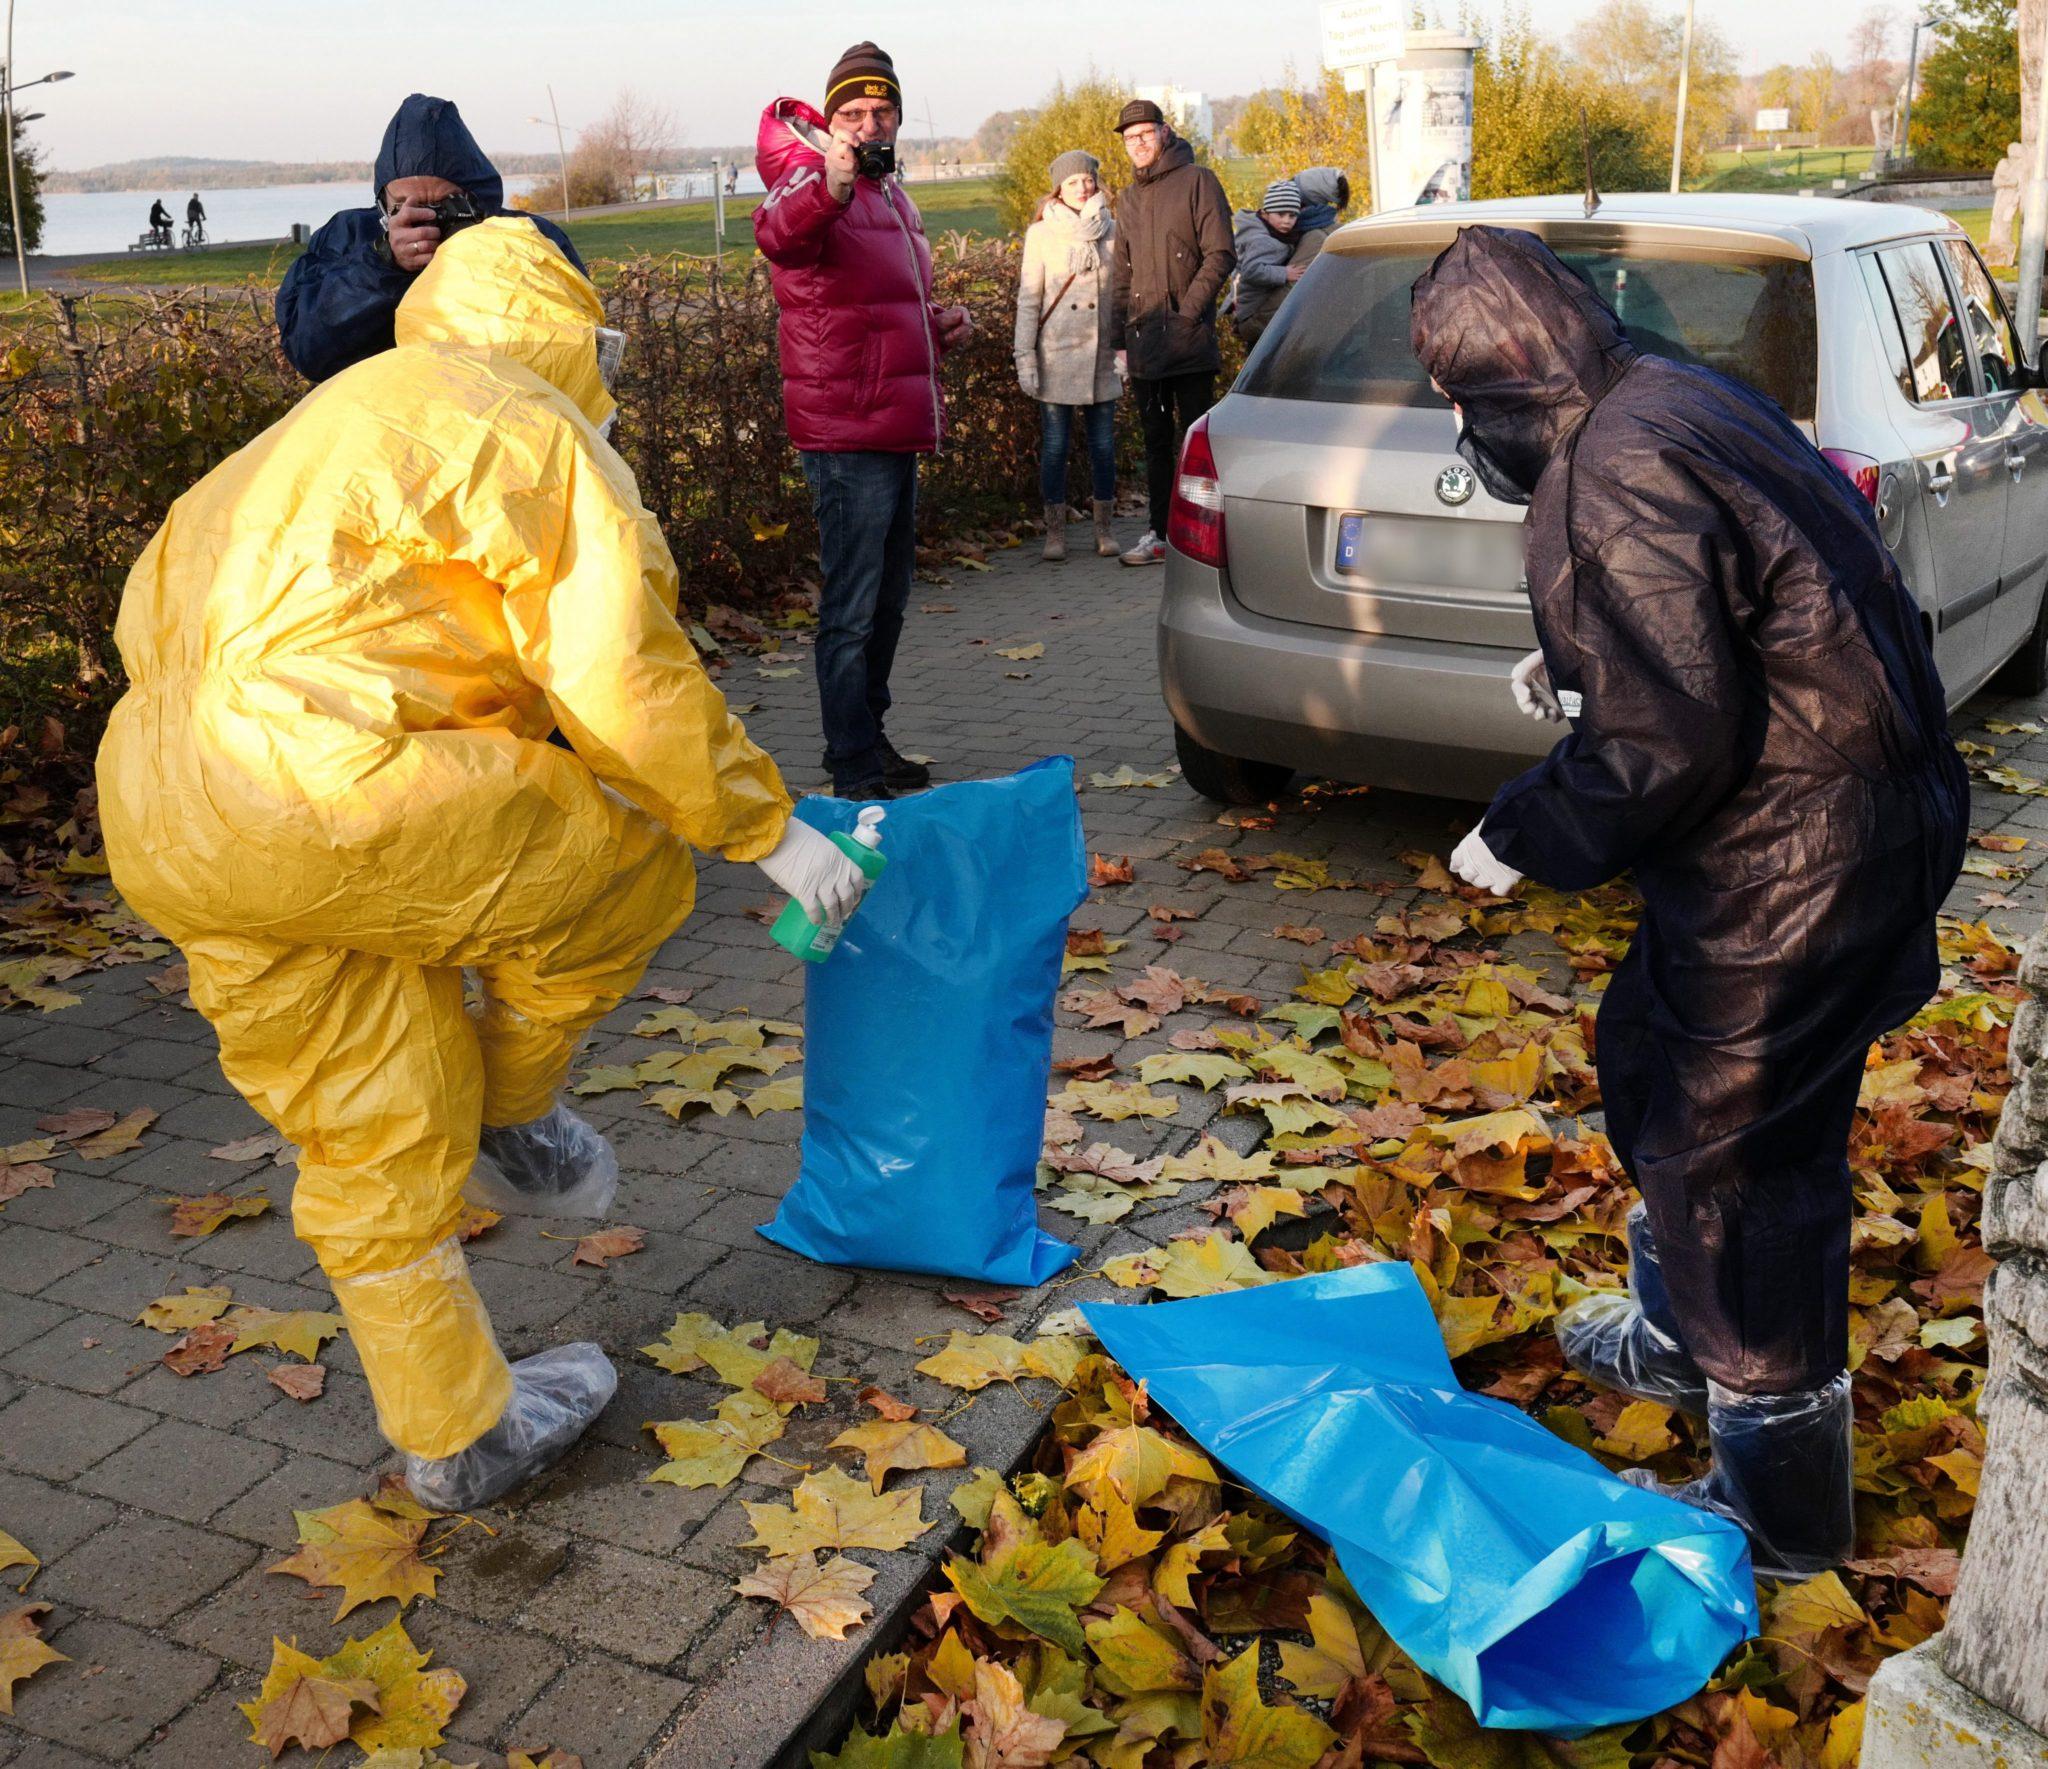 Pracownicy Inspektoratu weterynarii noszą ochronne stroje przy kolejnym znalezisku ptaka zarażonego prawdopodobnie wirusem ptasiej grypy. Markkleeberg, Niemcy.